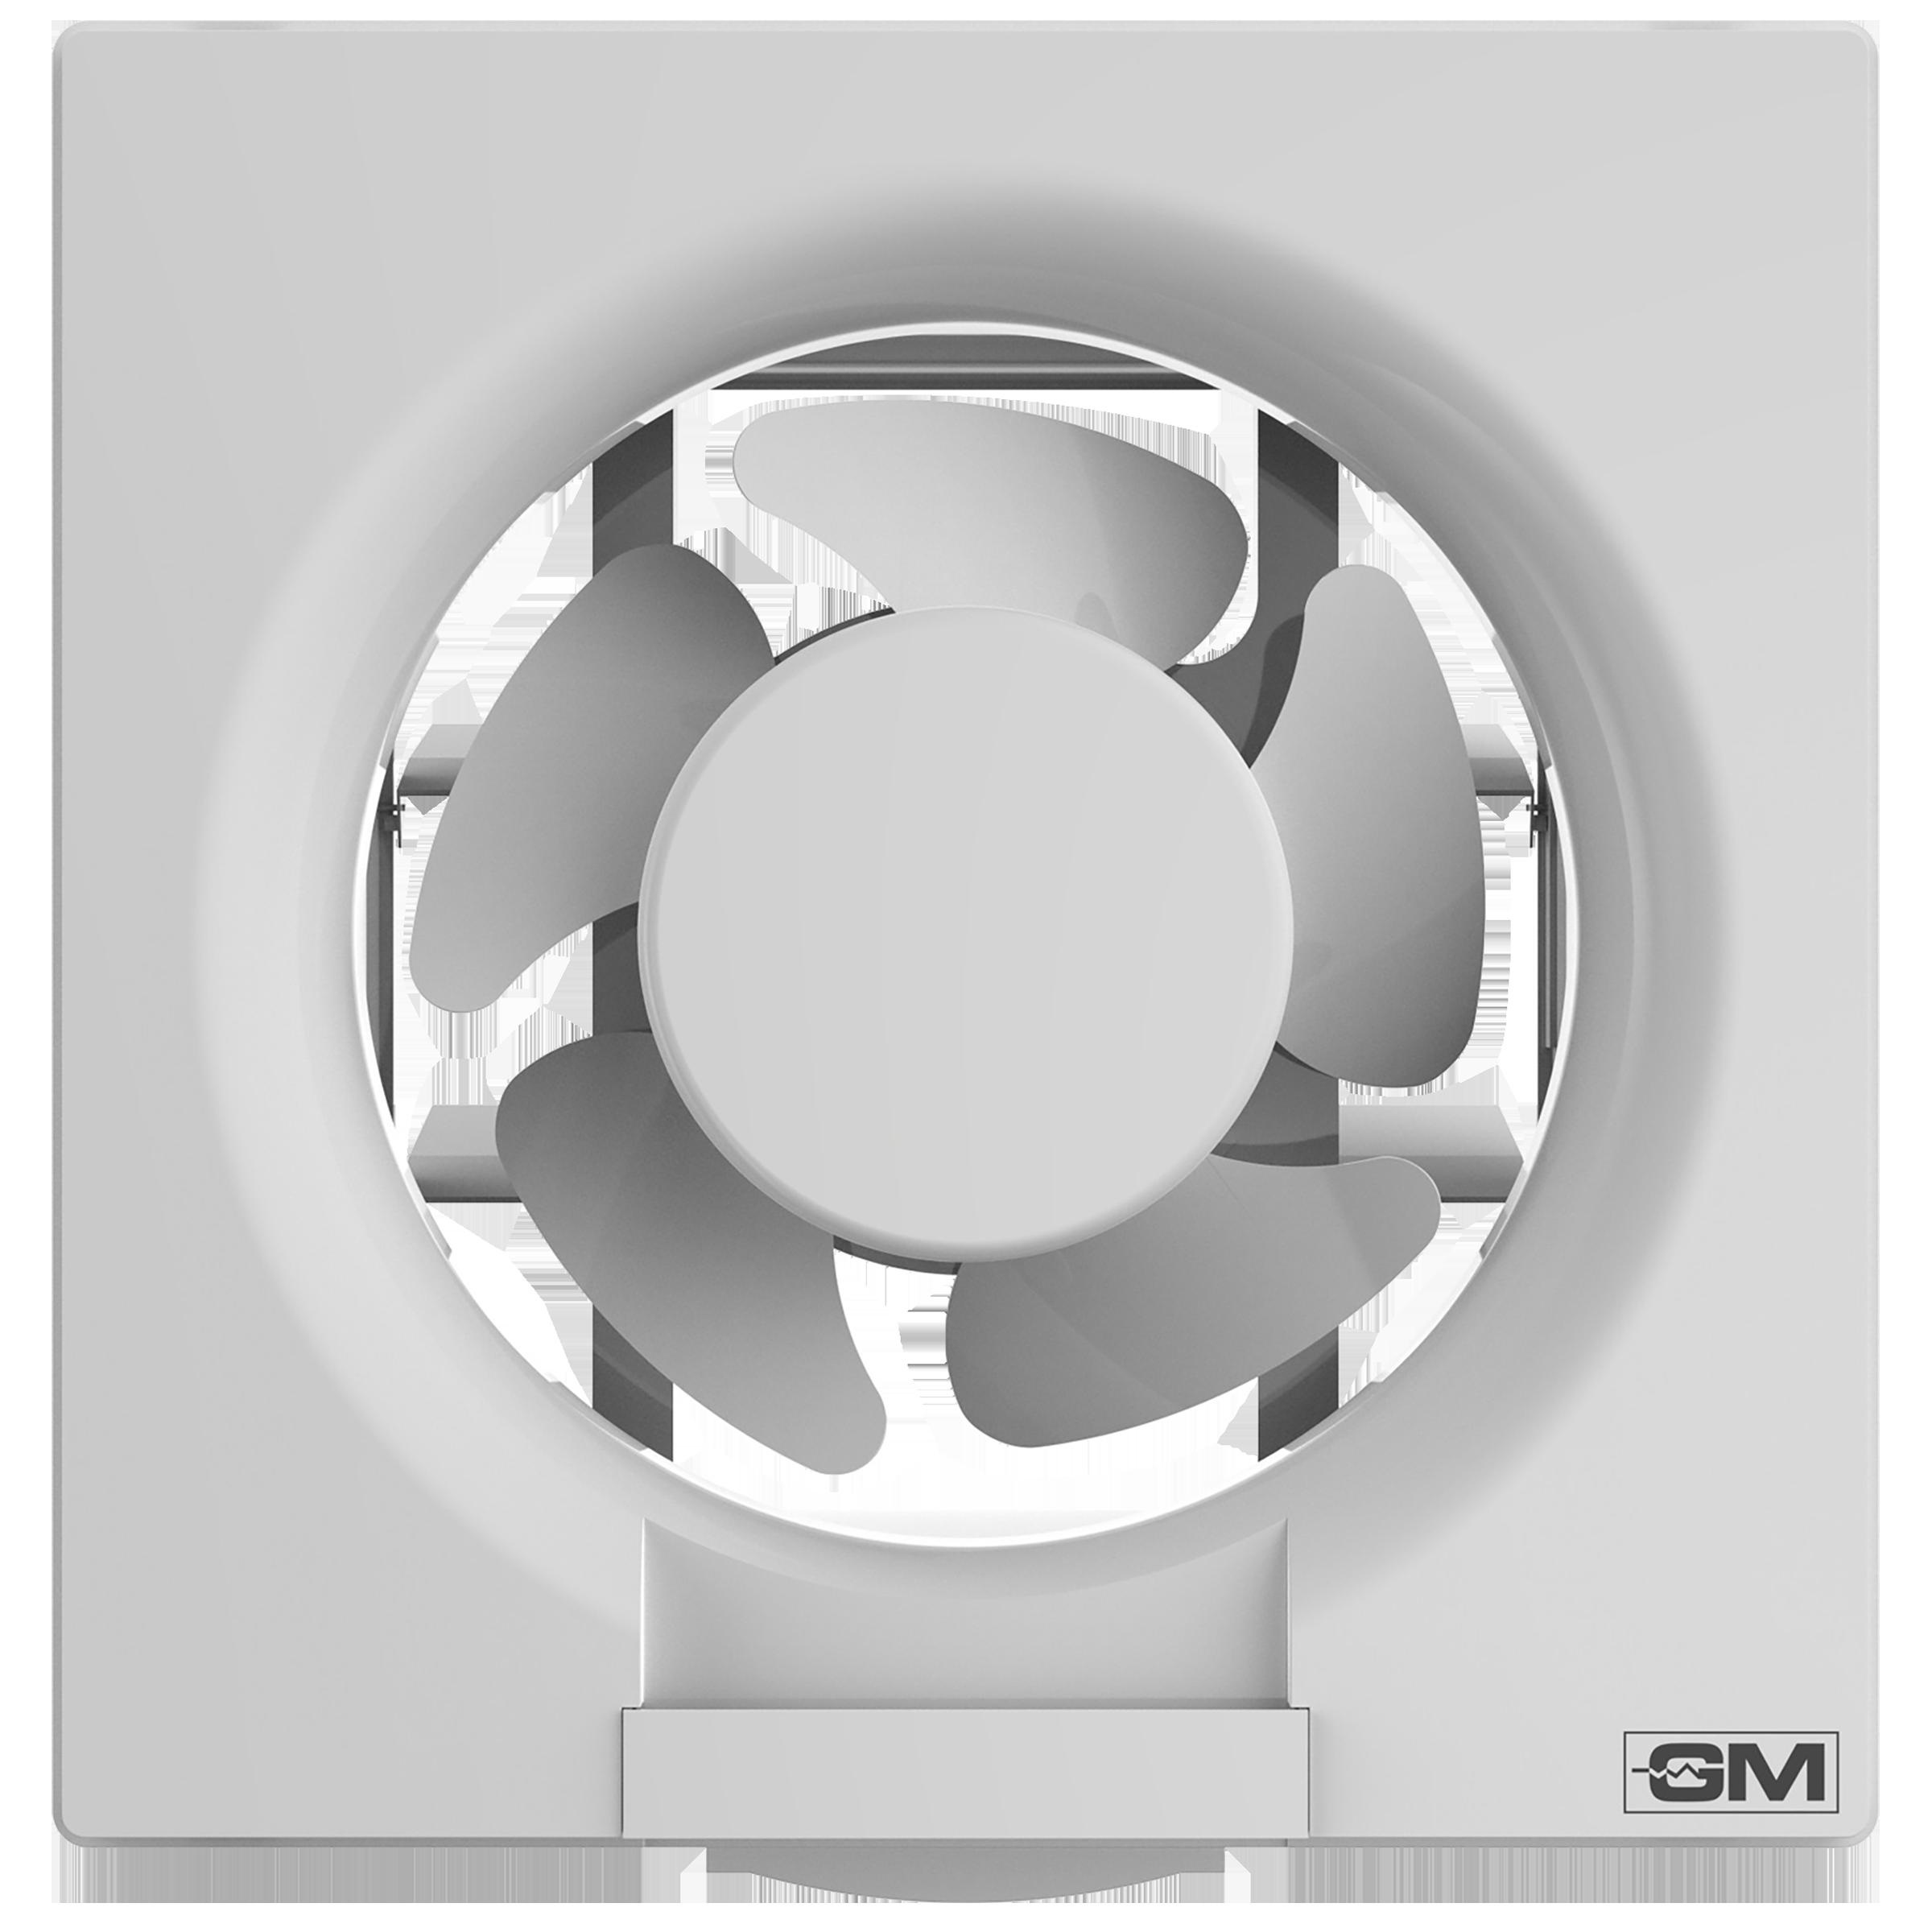 GM Eco Air 20 cm Sweep Exhaust Fan (Noiseless Fan, VFB080014WHGL, White)_1